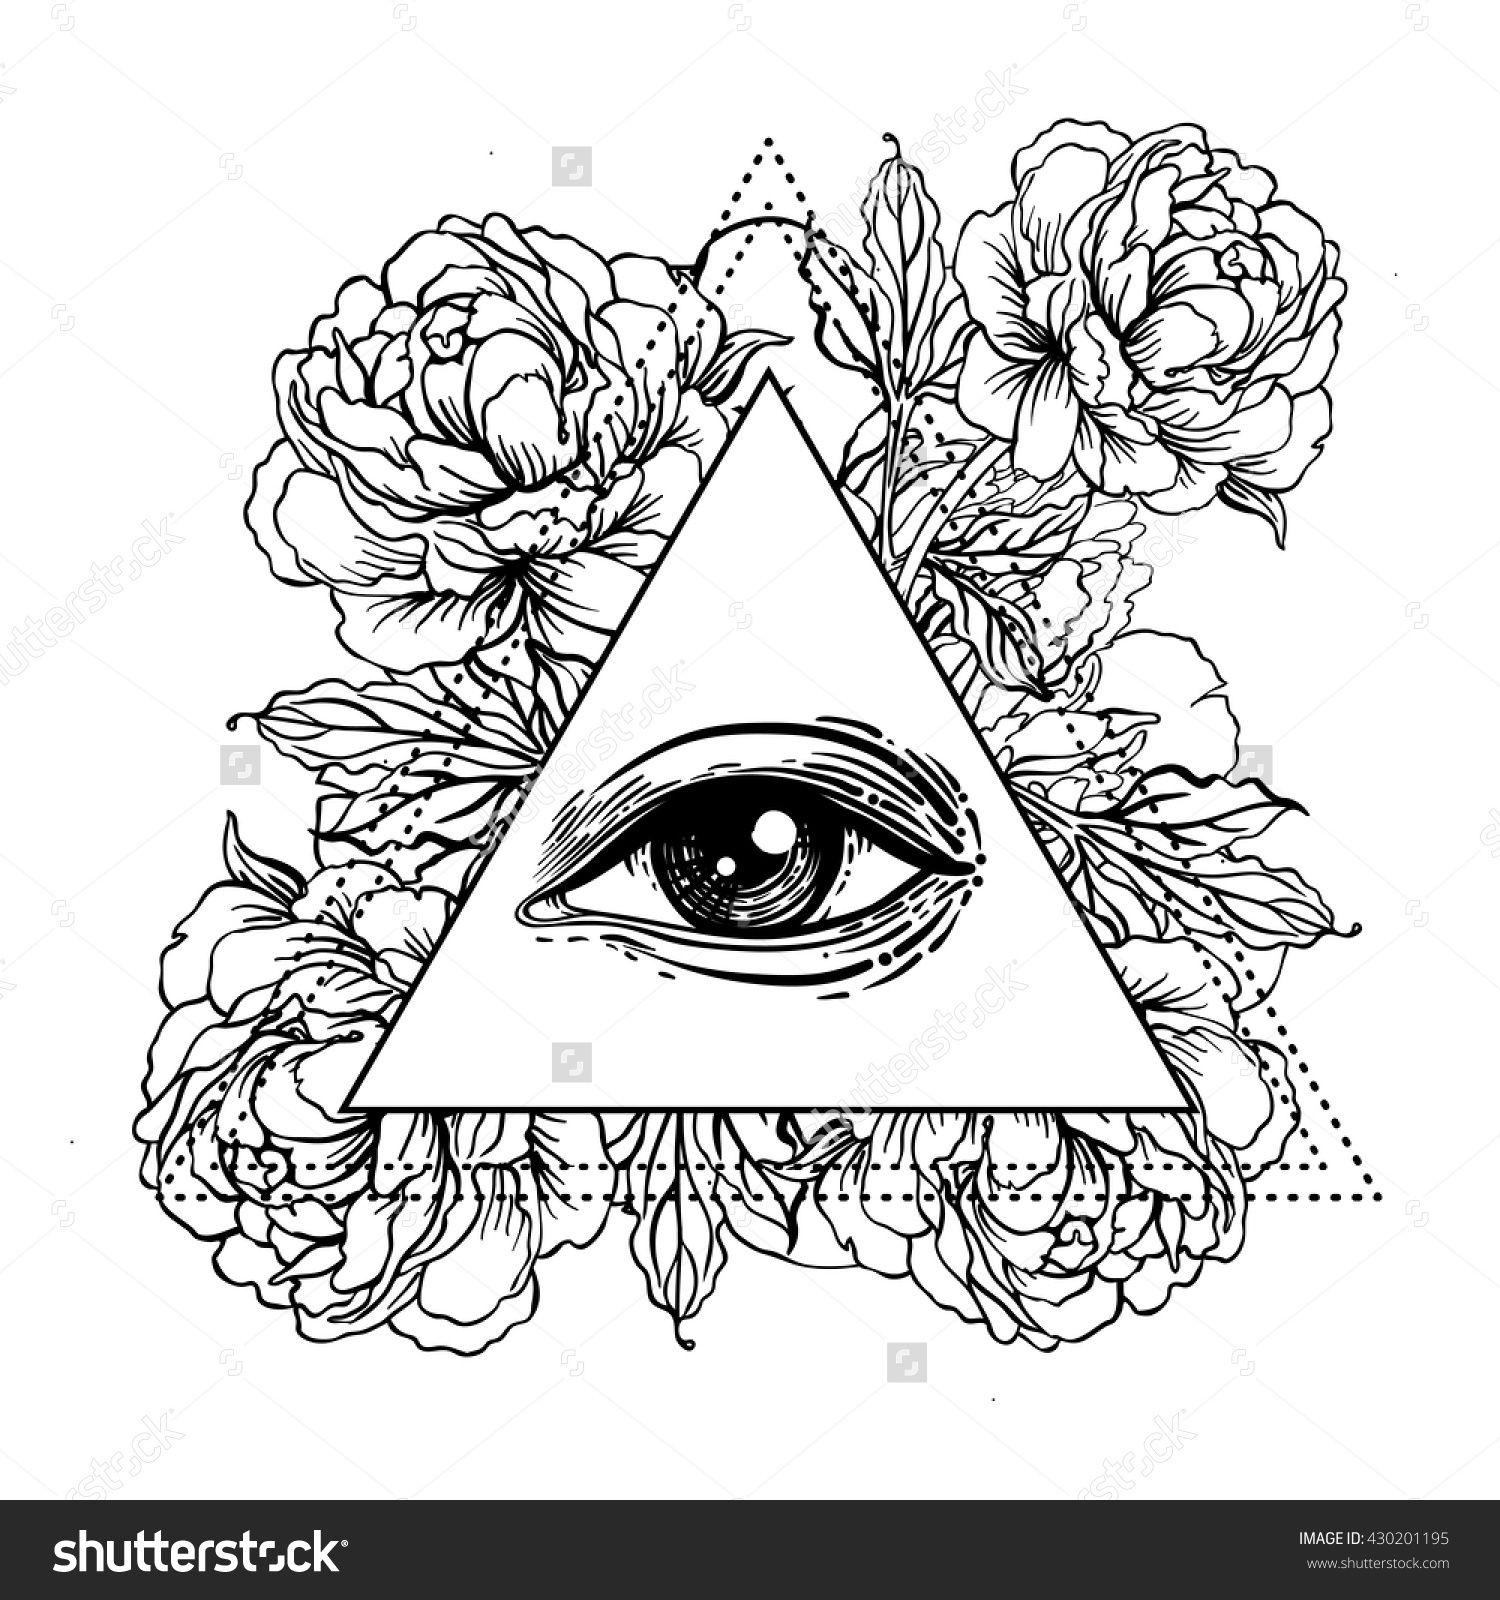 Blackwork Tattoo Flash. All Seeing Eye Pyramid Symbol With